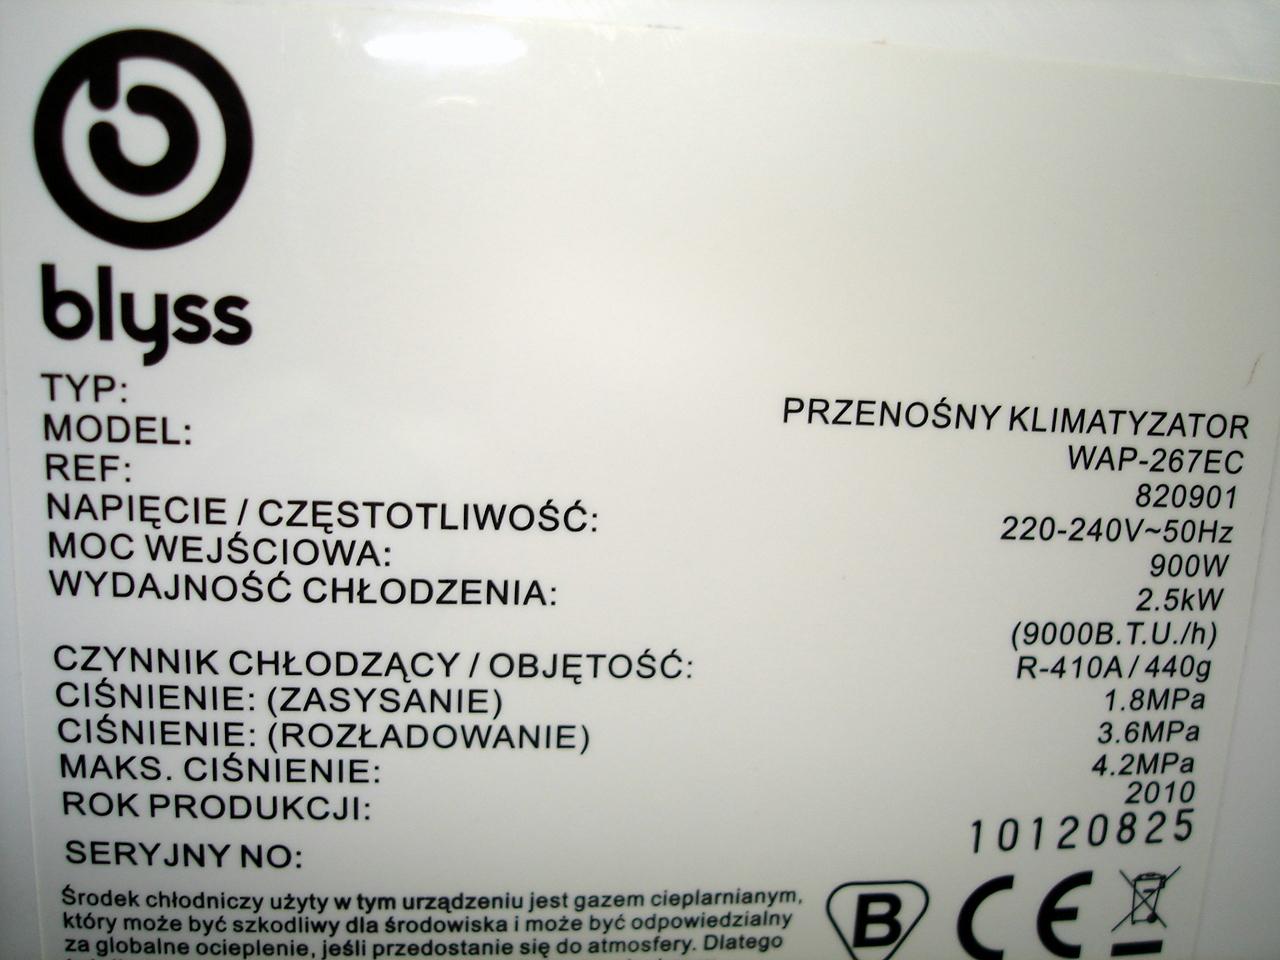 blyss wap 267ec - Klimatyzator przeno�ny + regulator ci�nienia skraplania